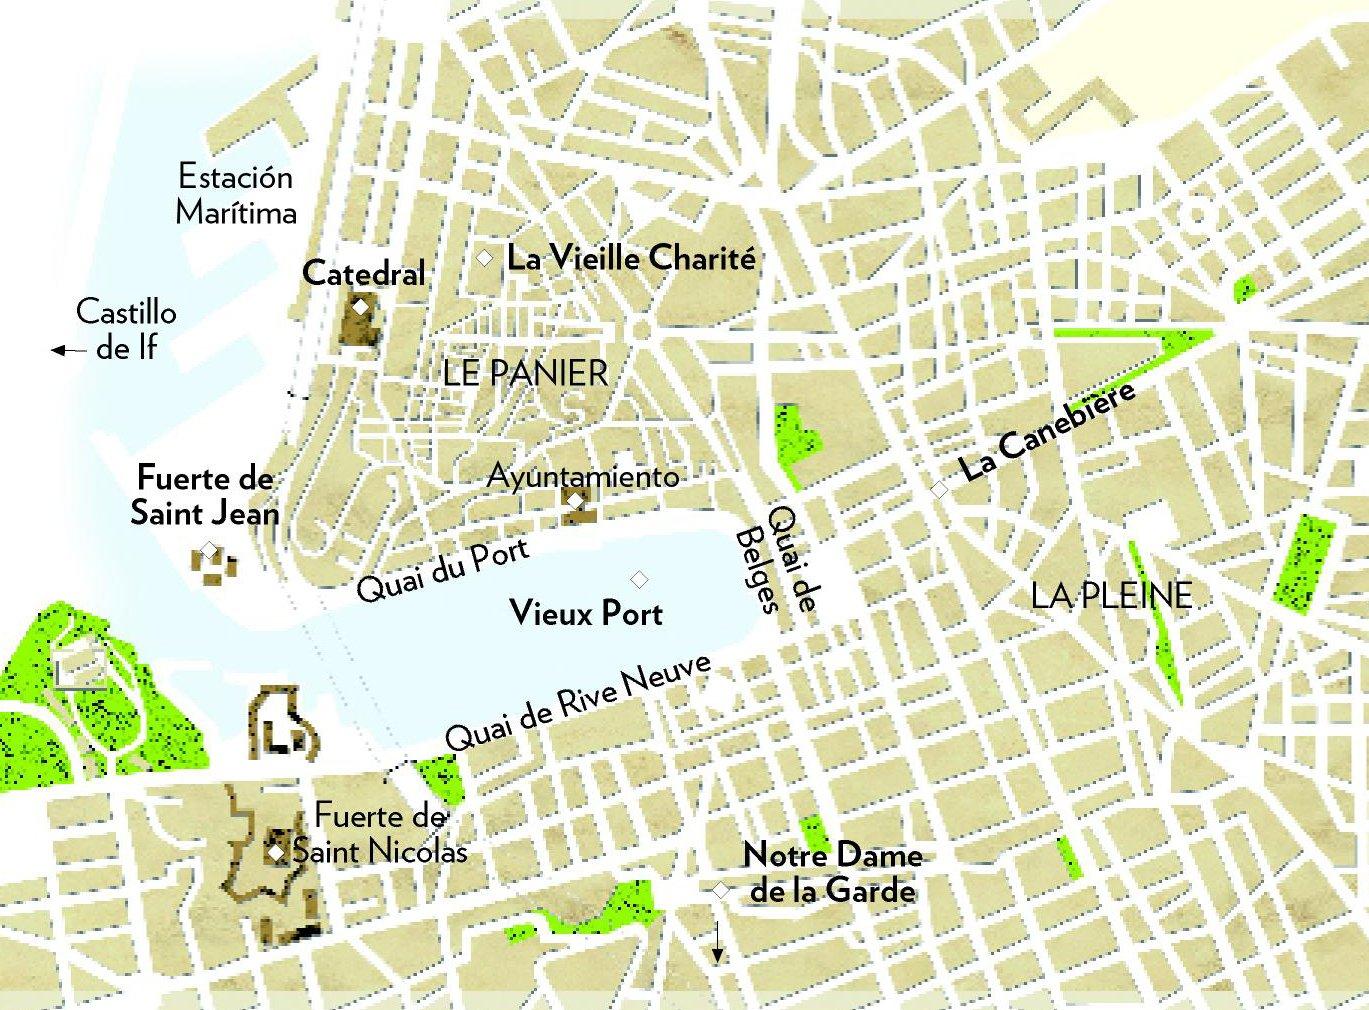 sitios turisticos de marsella francia